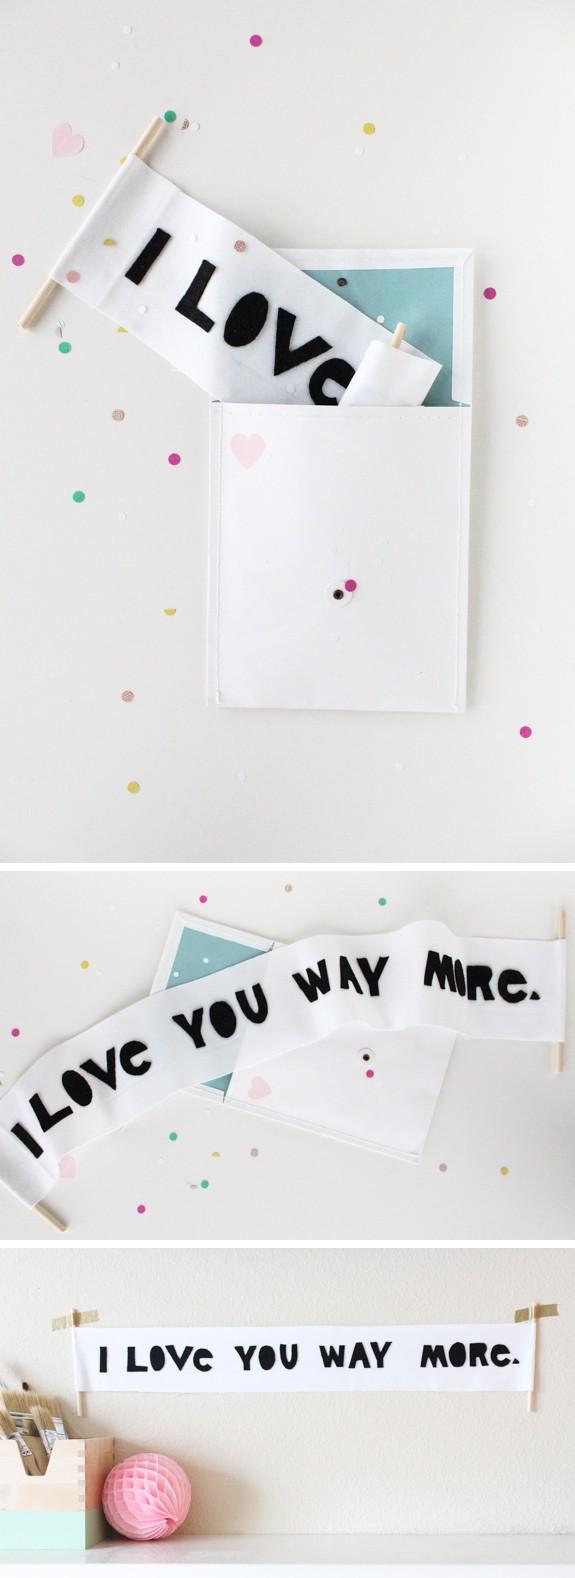 Regalo original para mi novio: un cartel lleno de amor! Sigue nuestro paso a paso para armarlo!